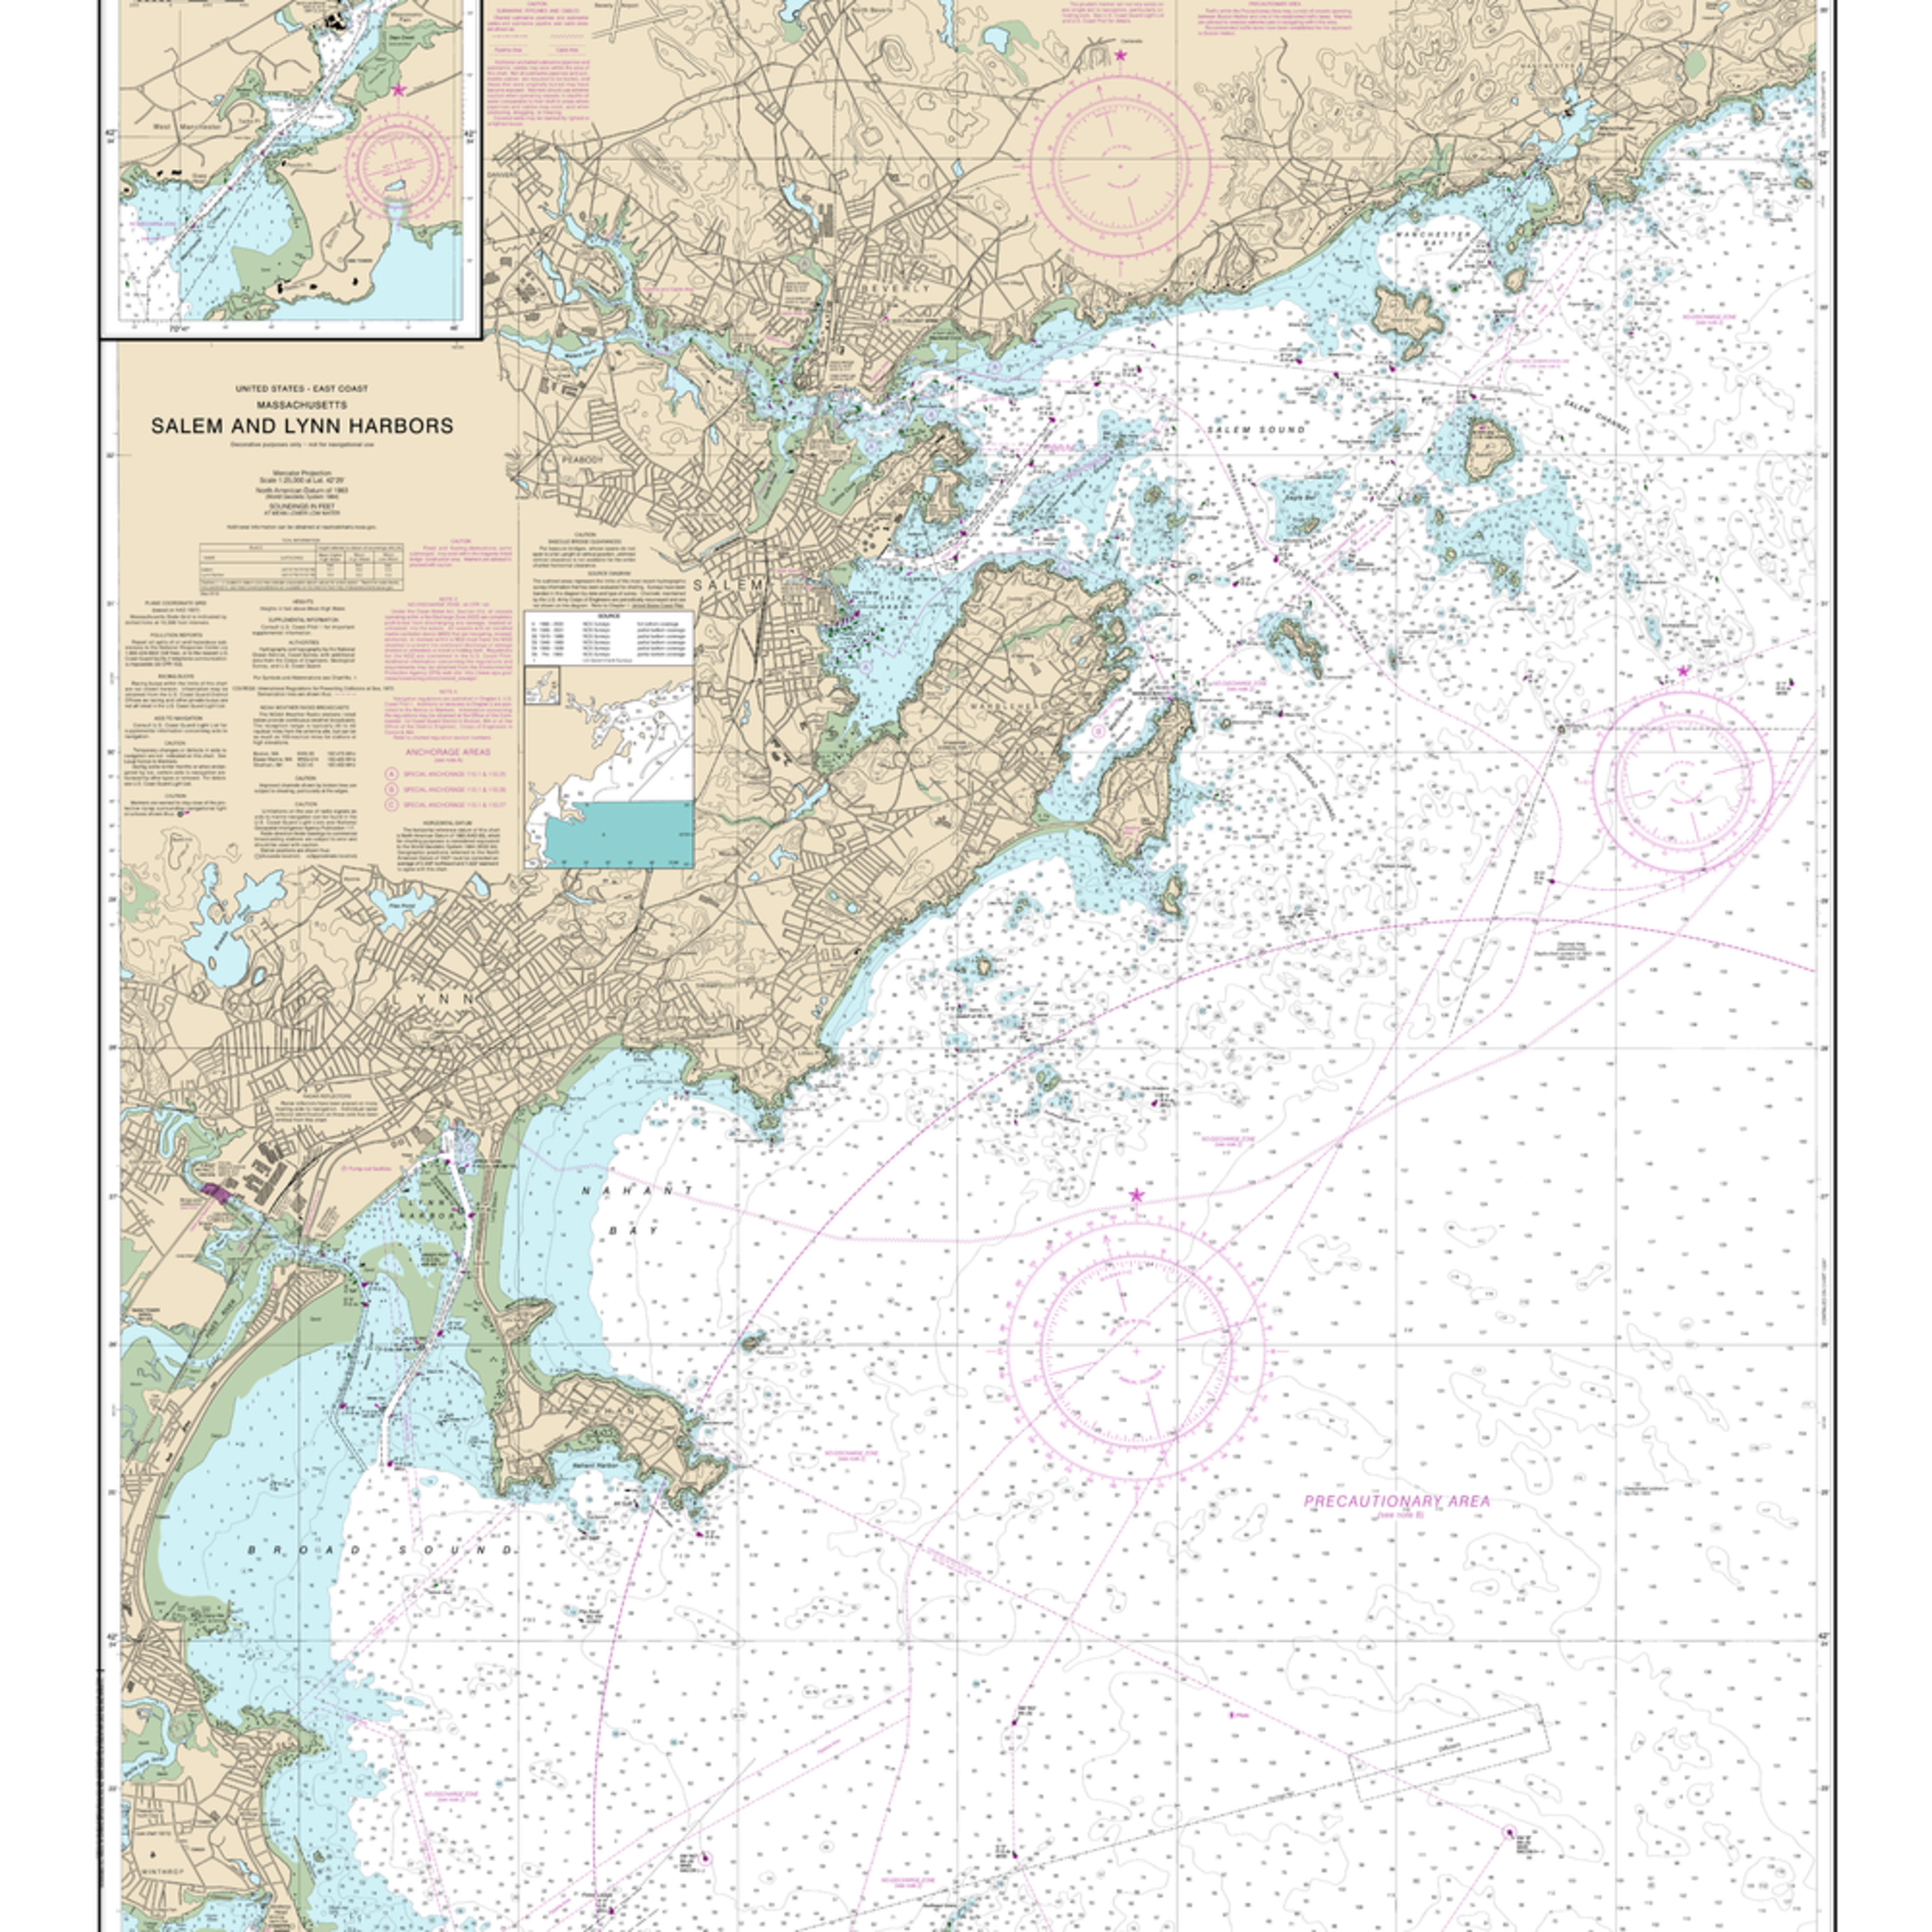 Nauticalmap 13275 salem lynn manchester zj0n2v